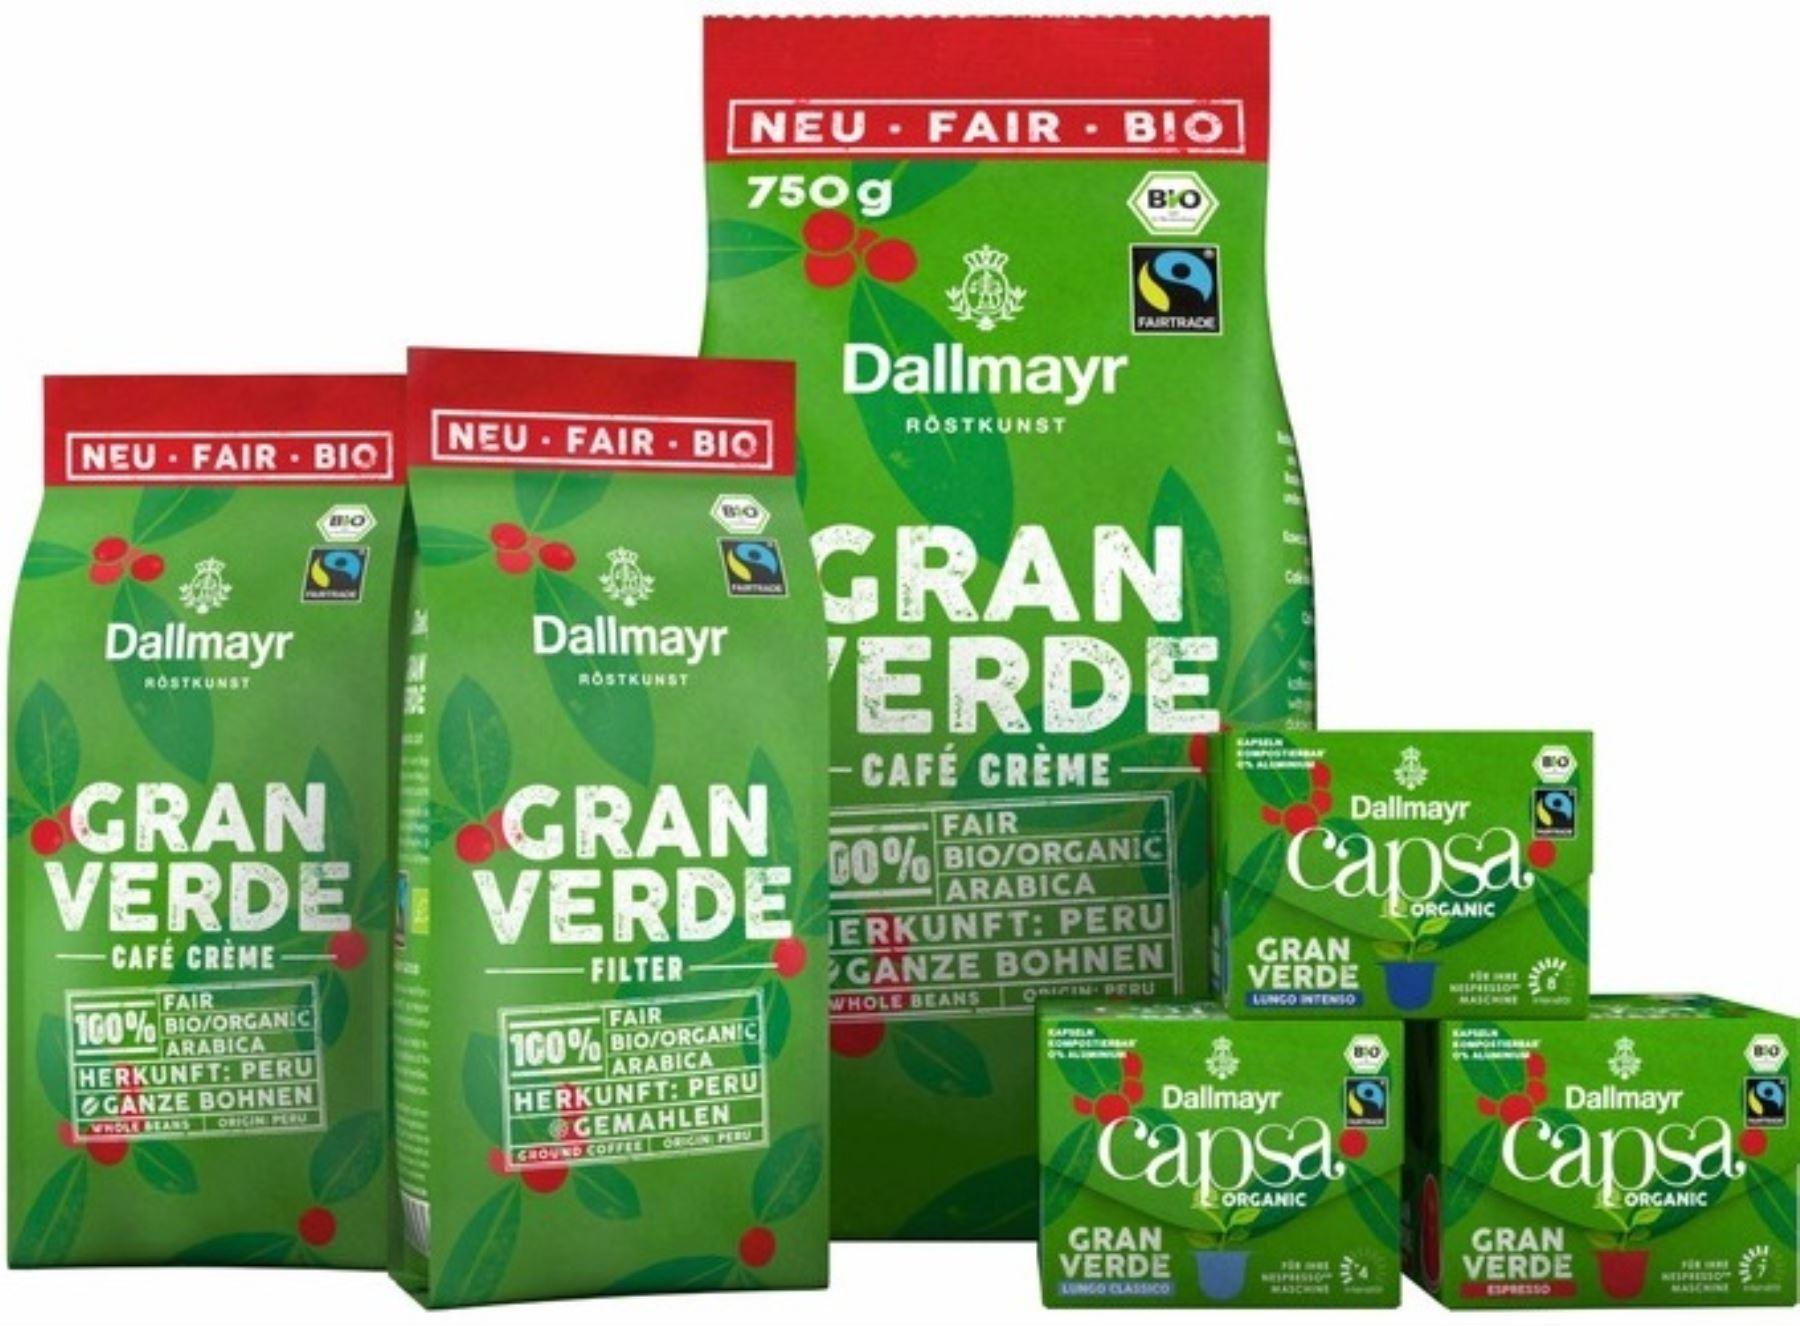 El delicioso aroma y sabor del café de Chanchamayo sedujo a la famosa cadena Dallmayr de Europa que la incluyó como su nueva estrella en su catálogo de productos delicatesen. café peruano es la nueva estrella de la famosa cadena Dallmayr de Europa